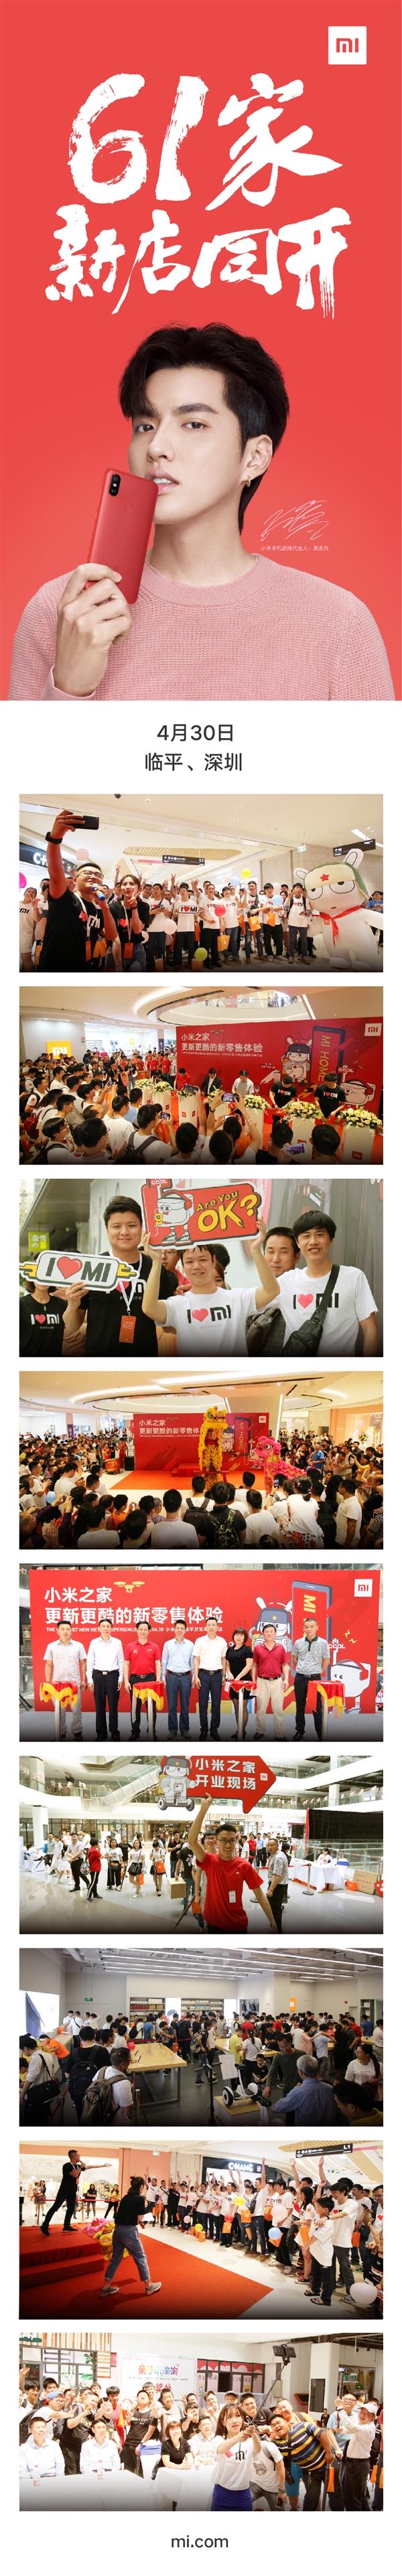 小米之家疯狂扩张:4天开61家门店